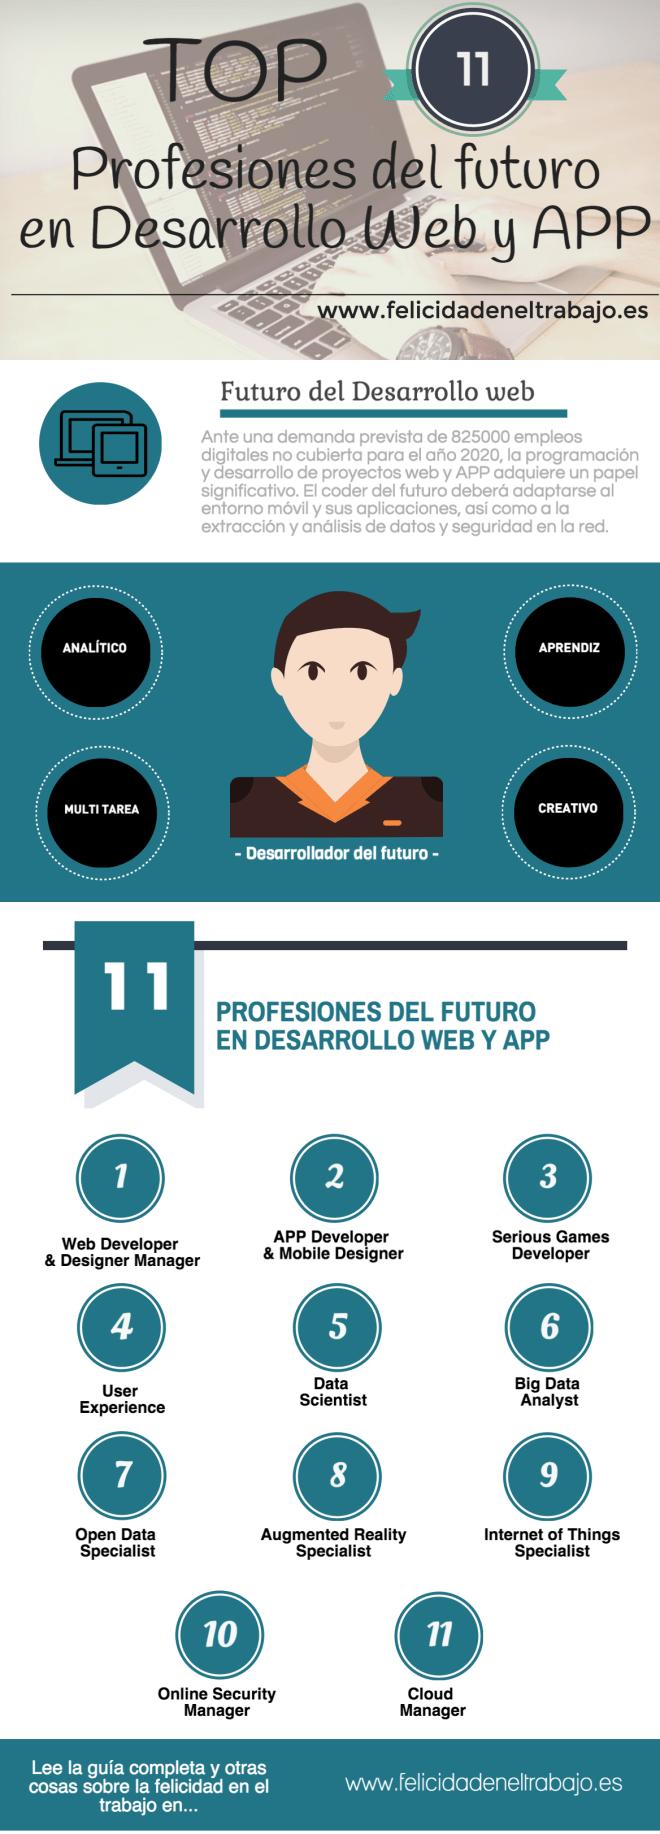 Top 11 profesiones del futuro en Desarrollo Web y APP